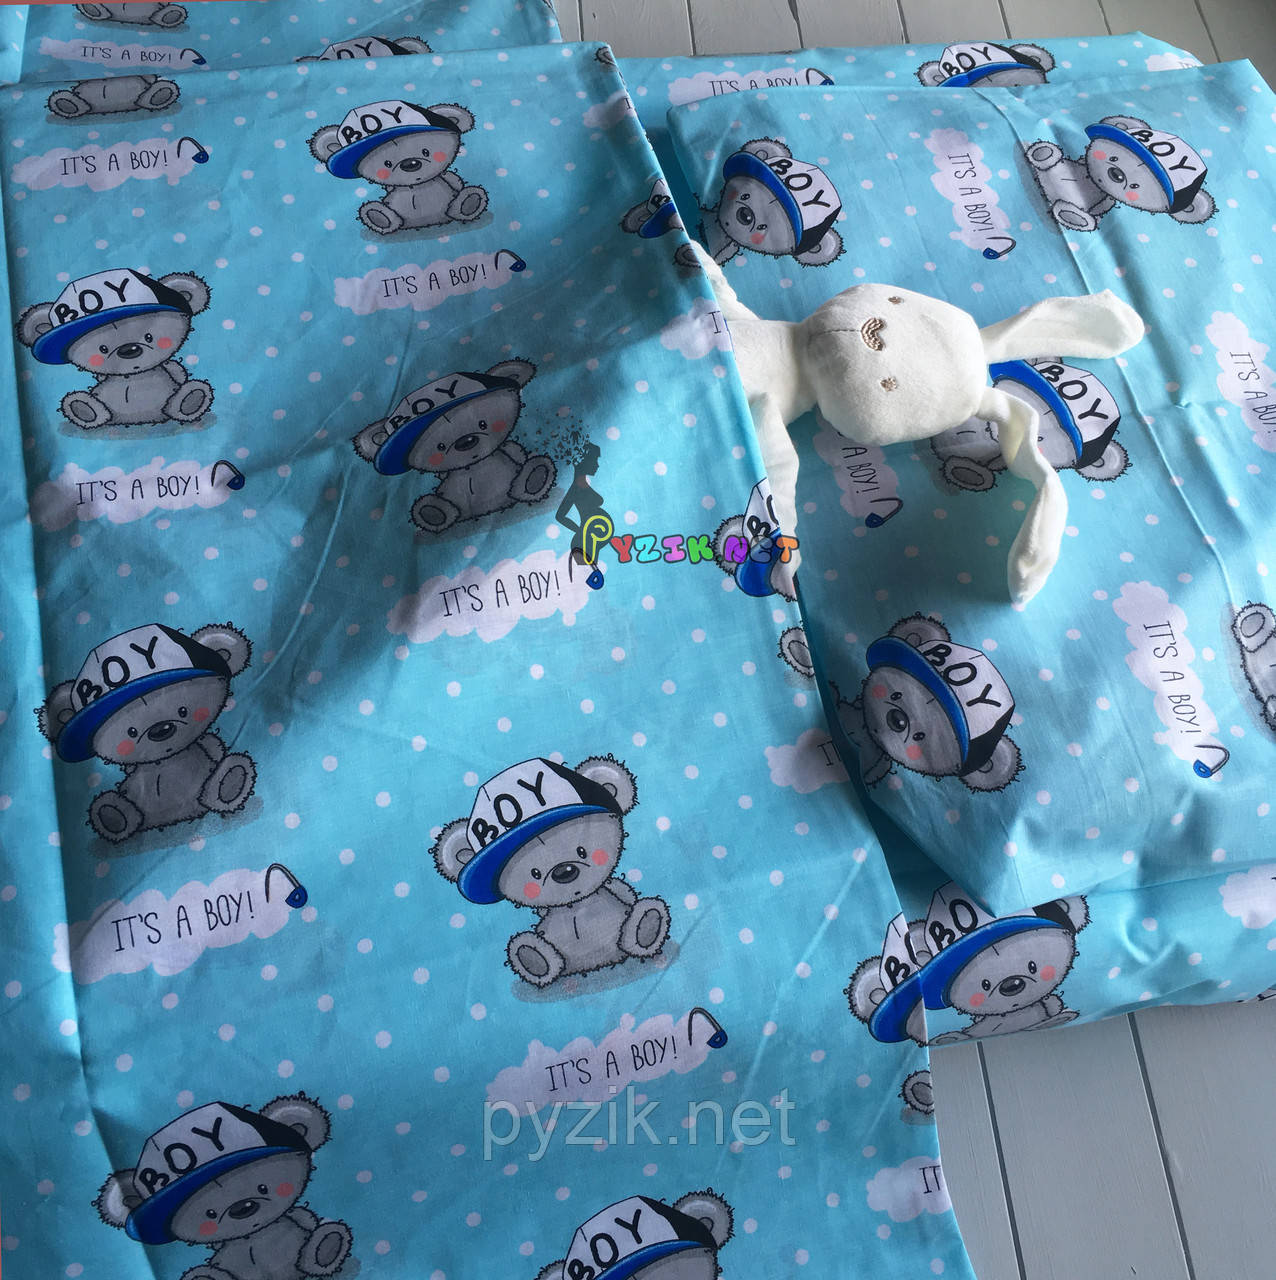 Постельный набор в детскую кроватку (3 предмета) It's a boy, бирюзовый